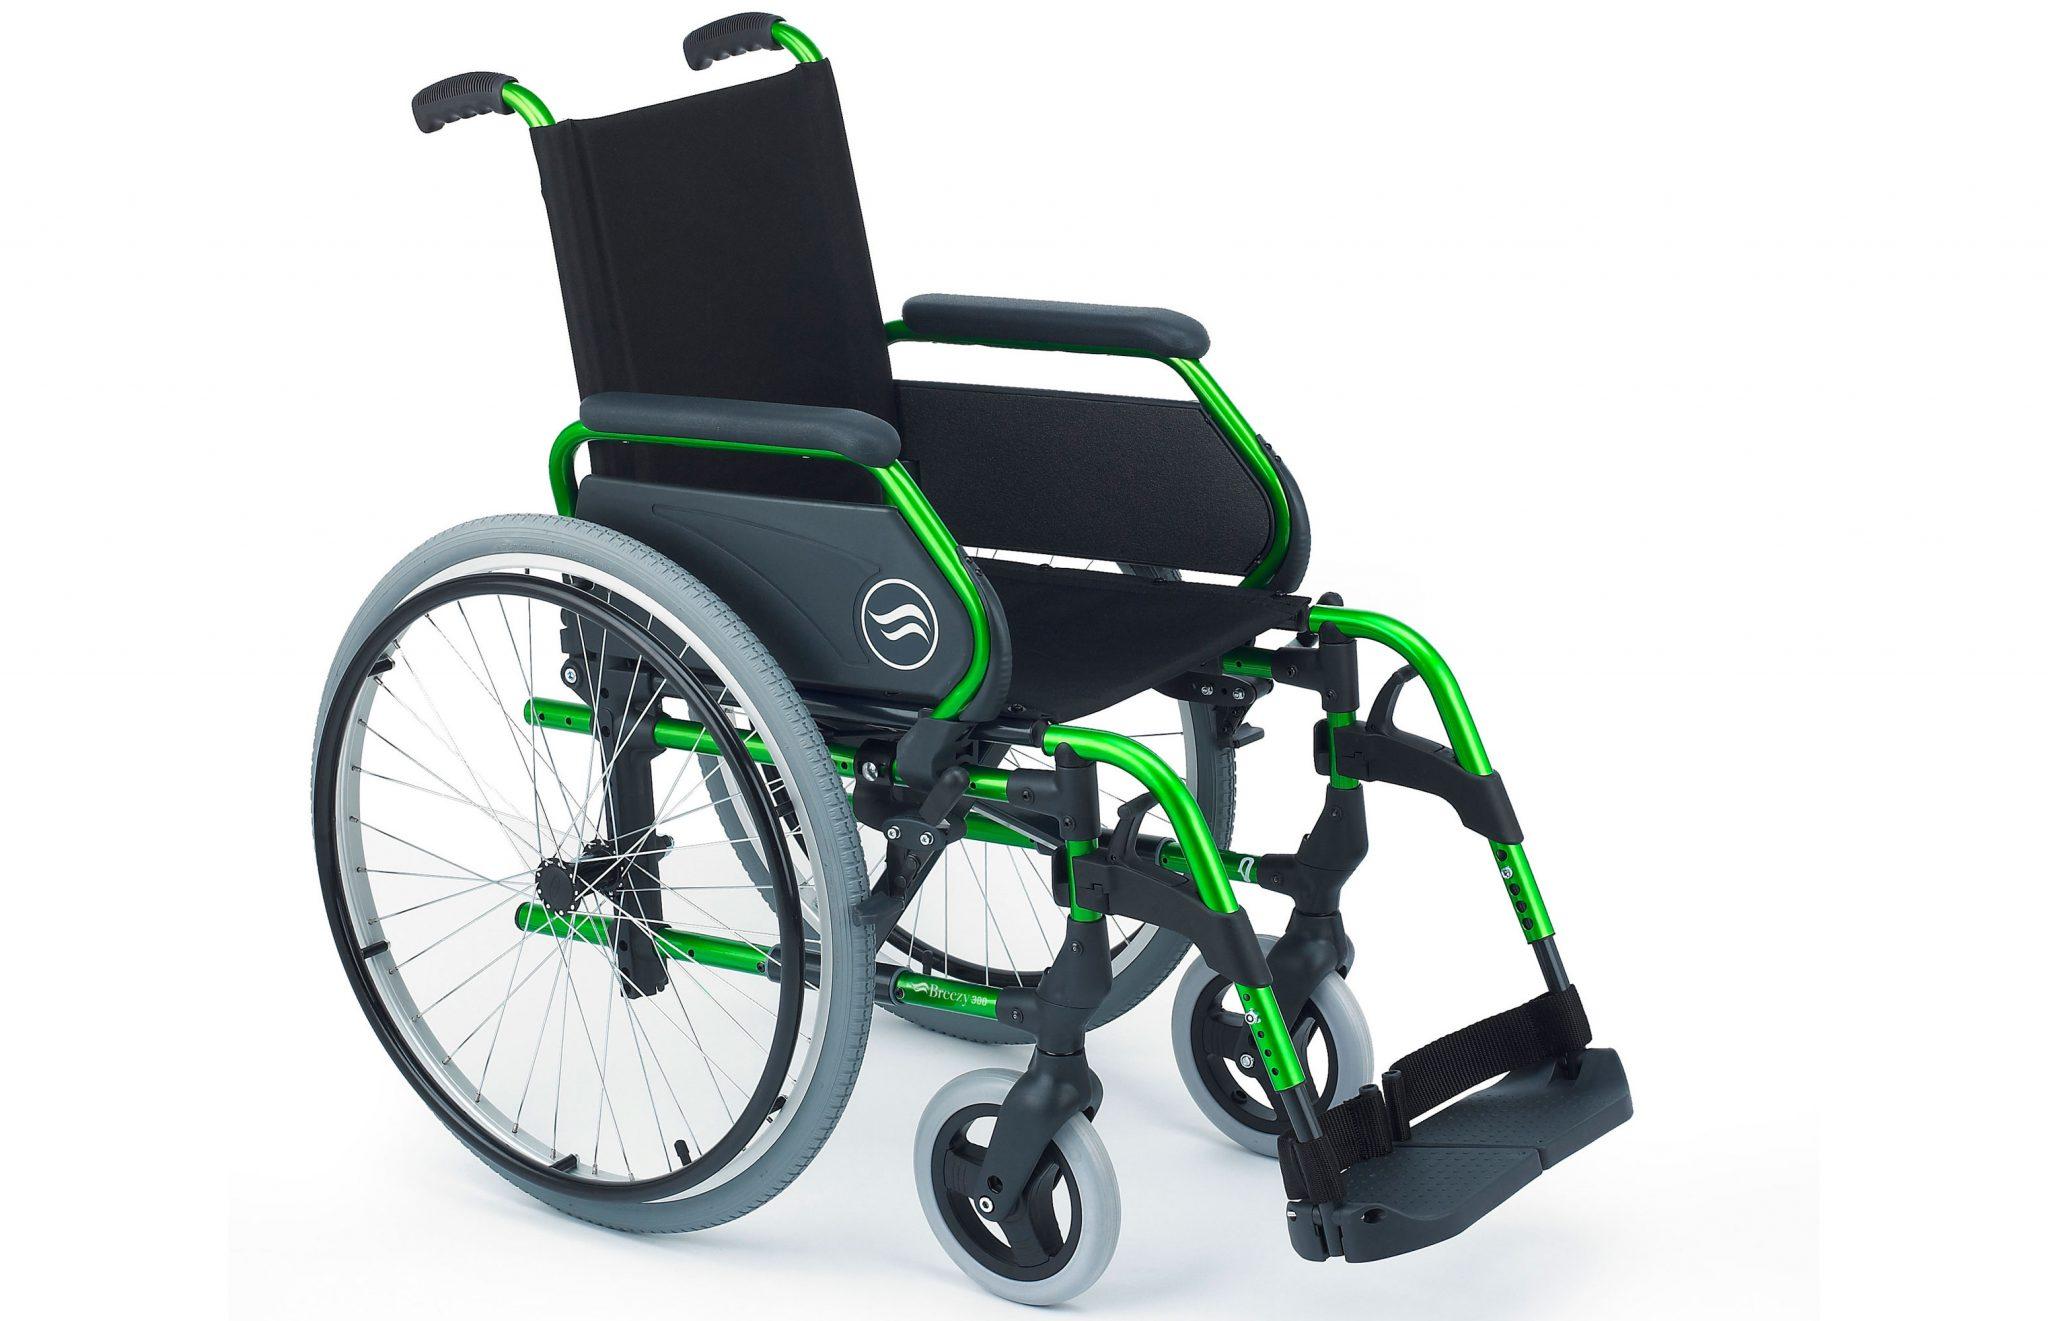 Cadeira de rodas, preta com estrutura verde, vista de perfil.